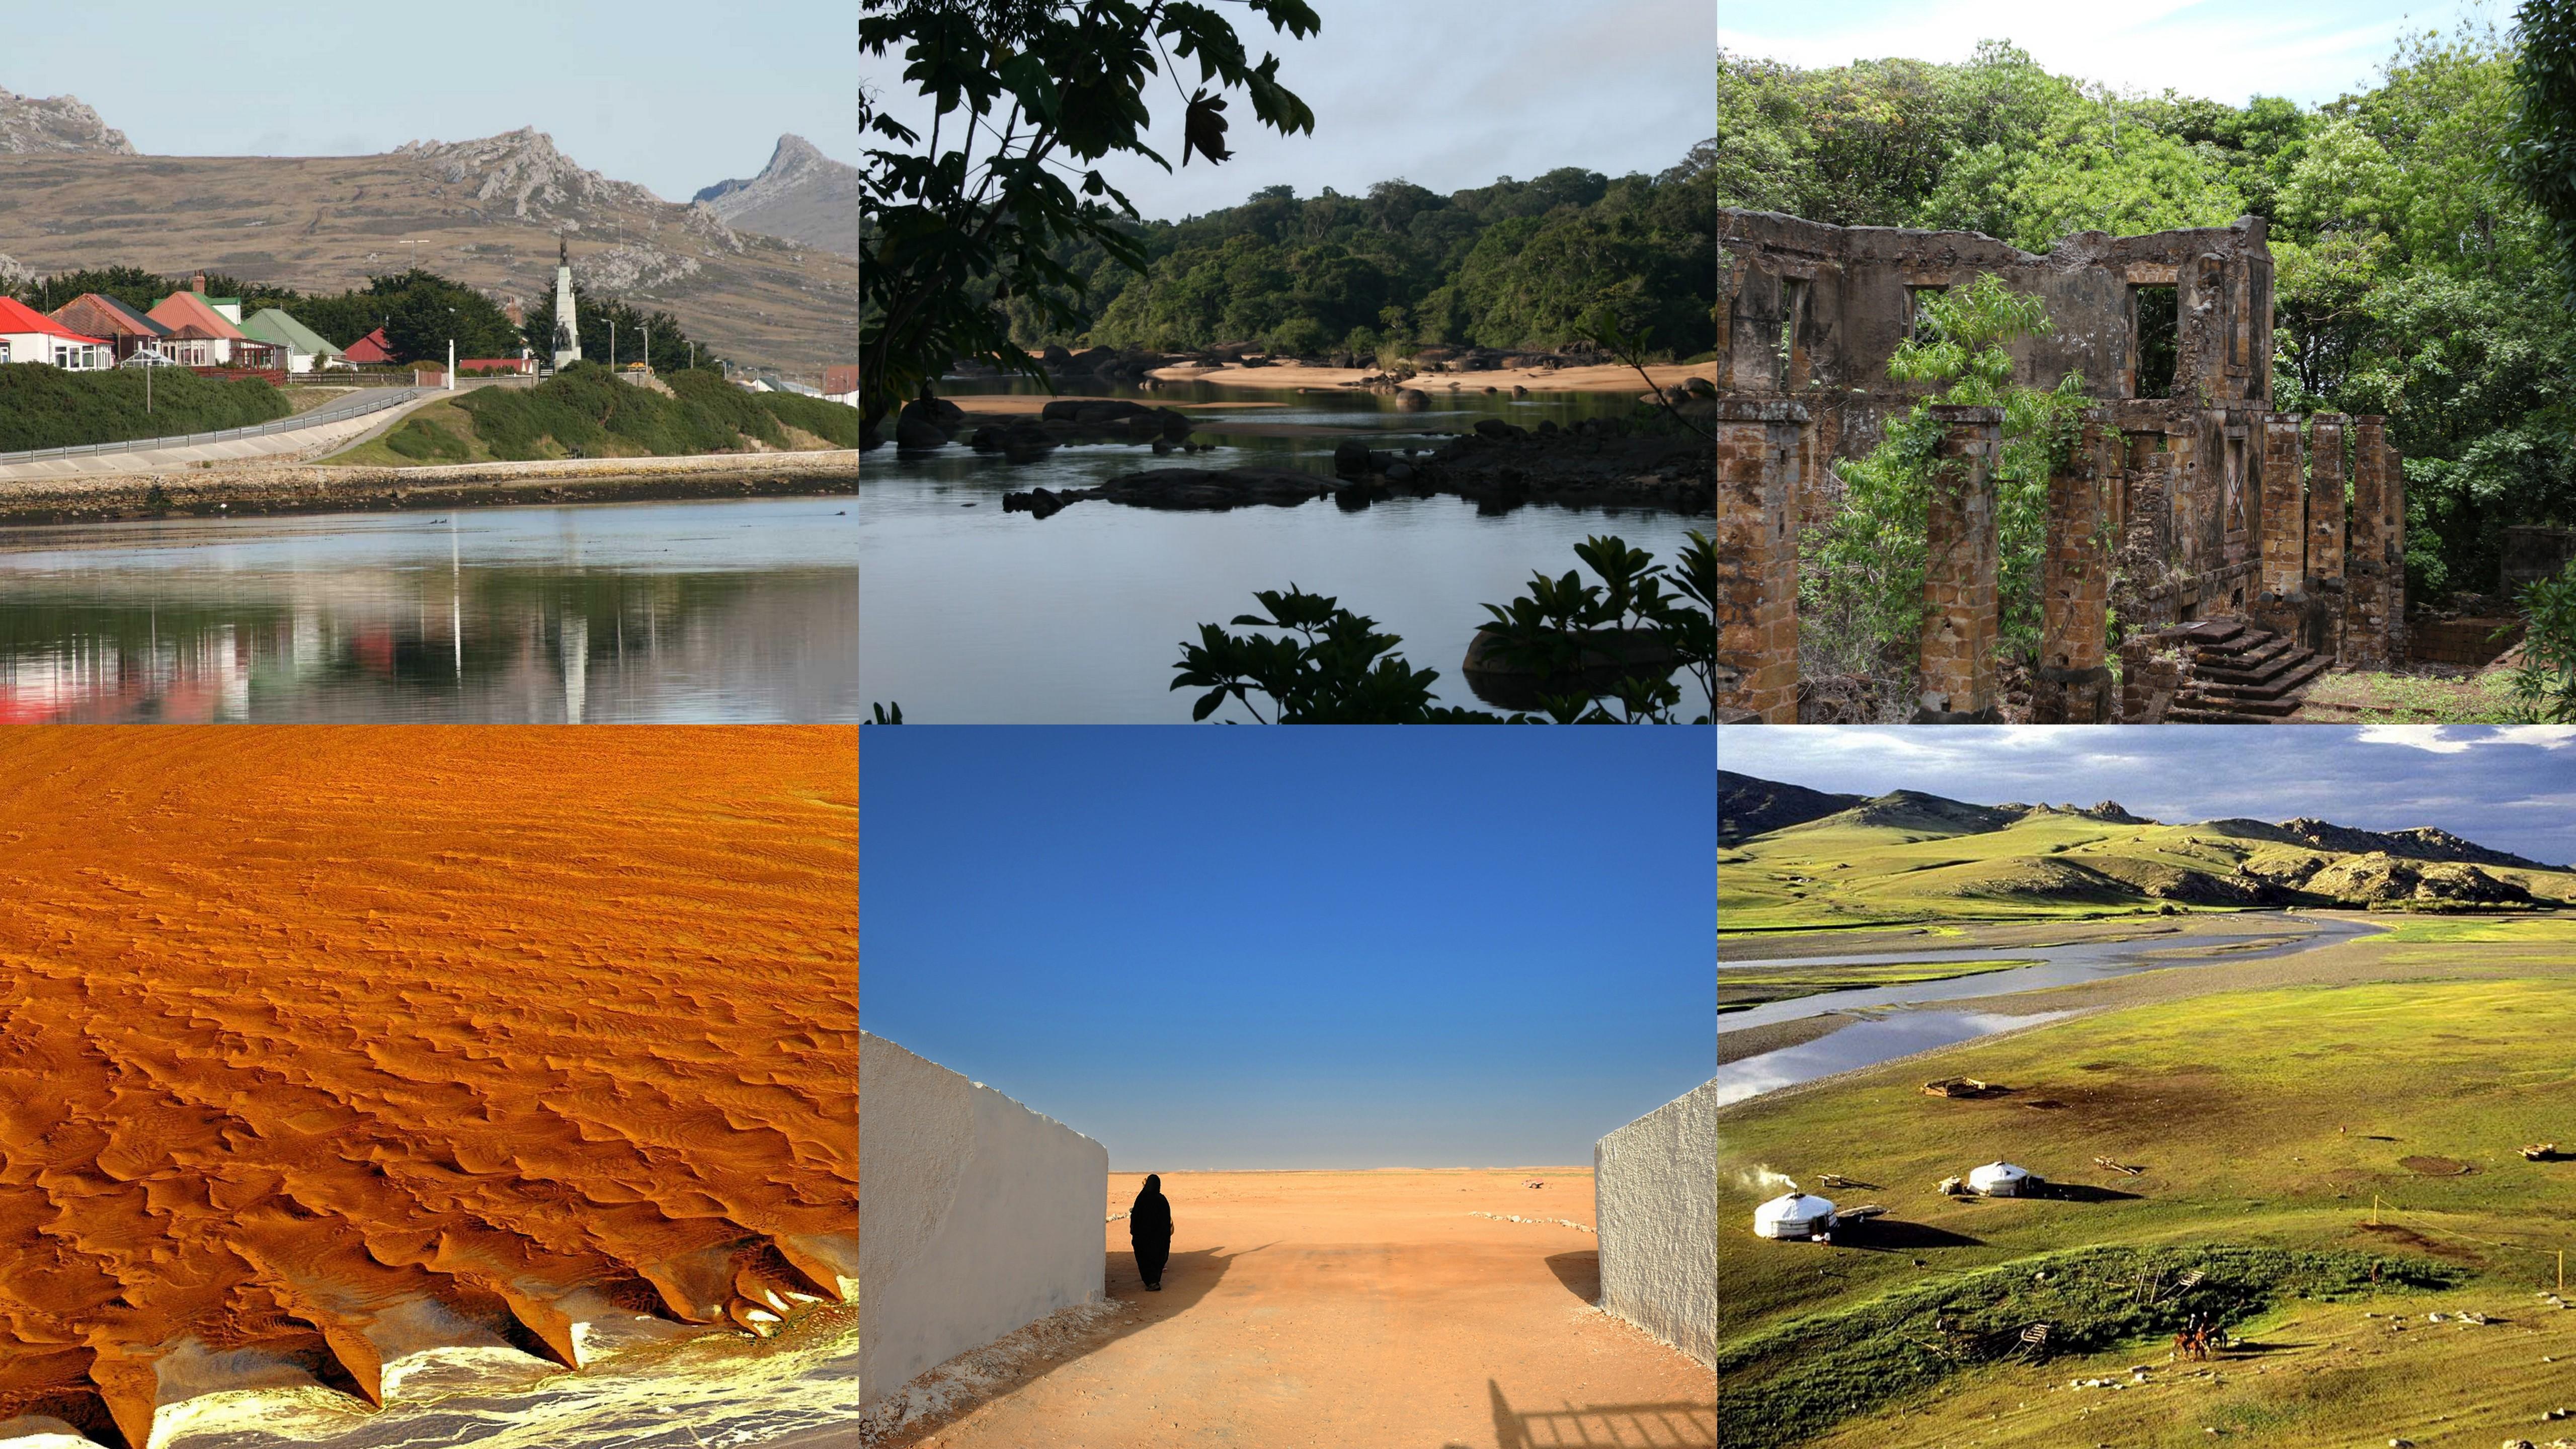 Οι 10 πιο αραιοκατοικημένες περιοχές στον κόσμο